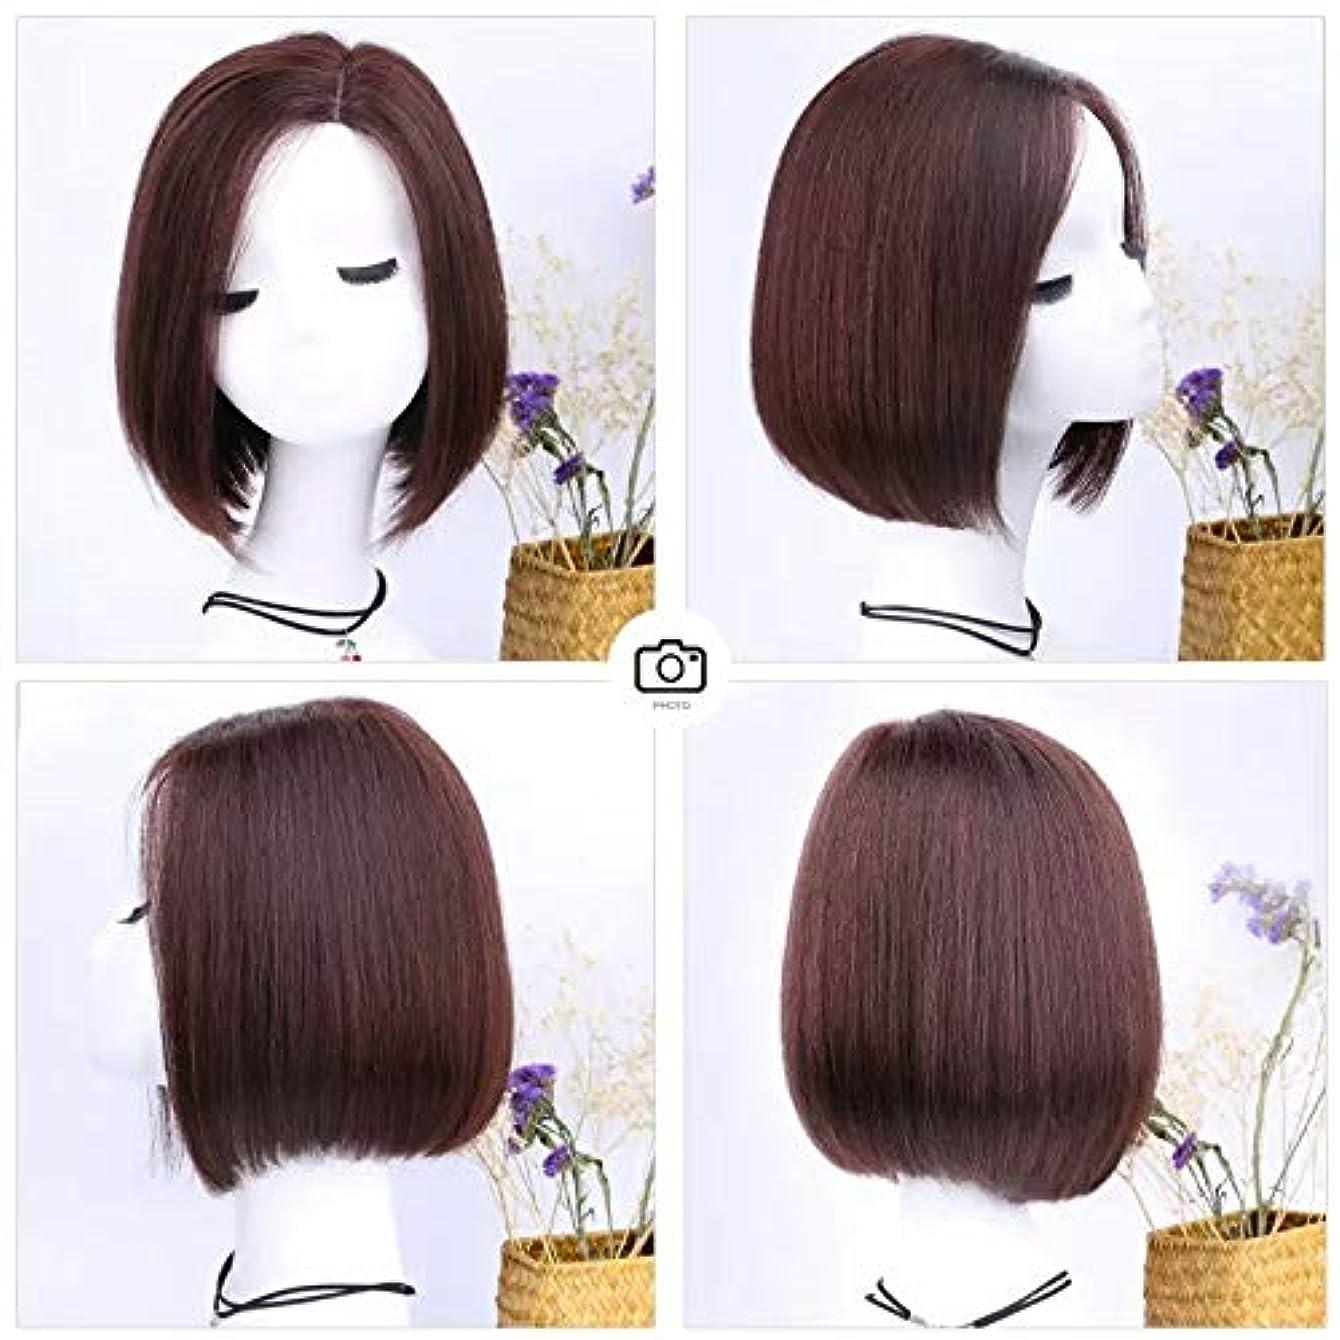 製作感情の顎YOUQIU ロングストレートヘアーの女性のかつらのために実際に髪の内側にバックルふんわりナチュラルウィッグでボブショートヘア (色 : Dark brown, Design : Full hand weaving)